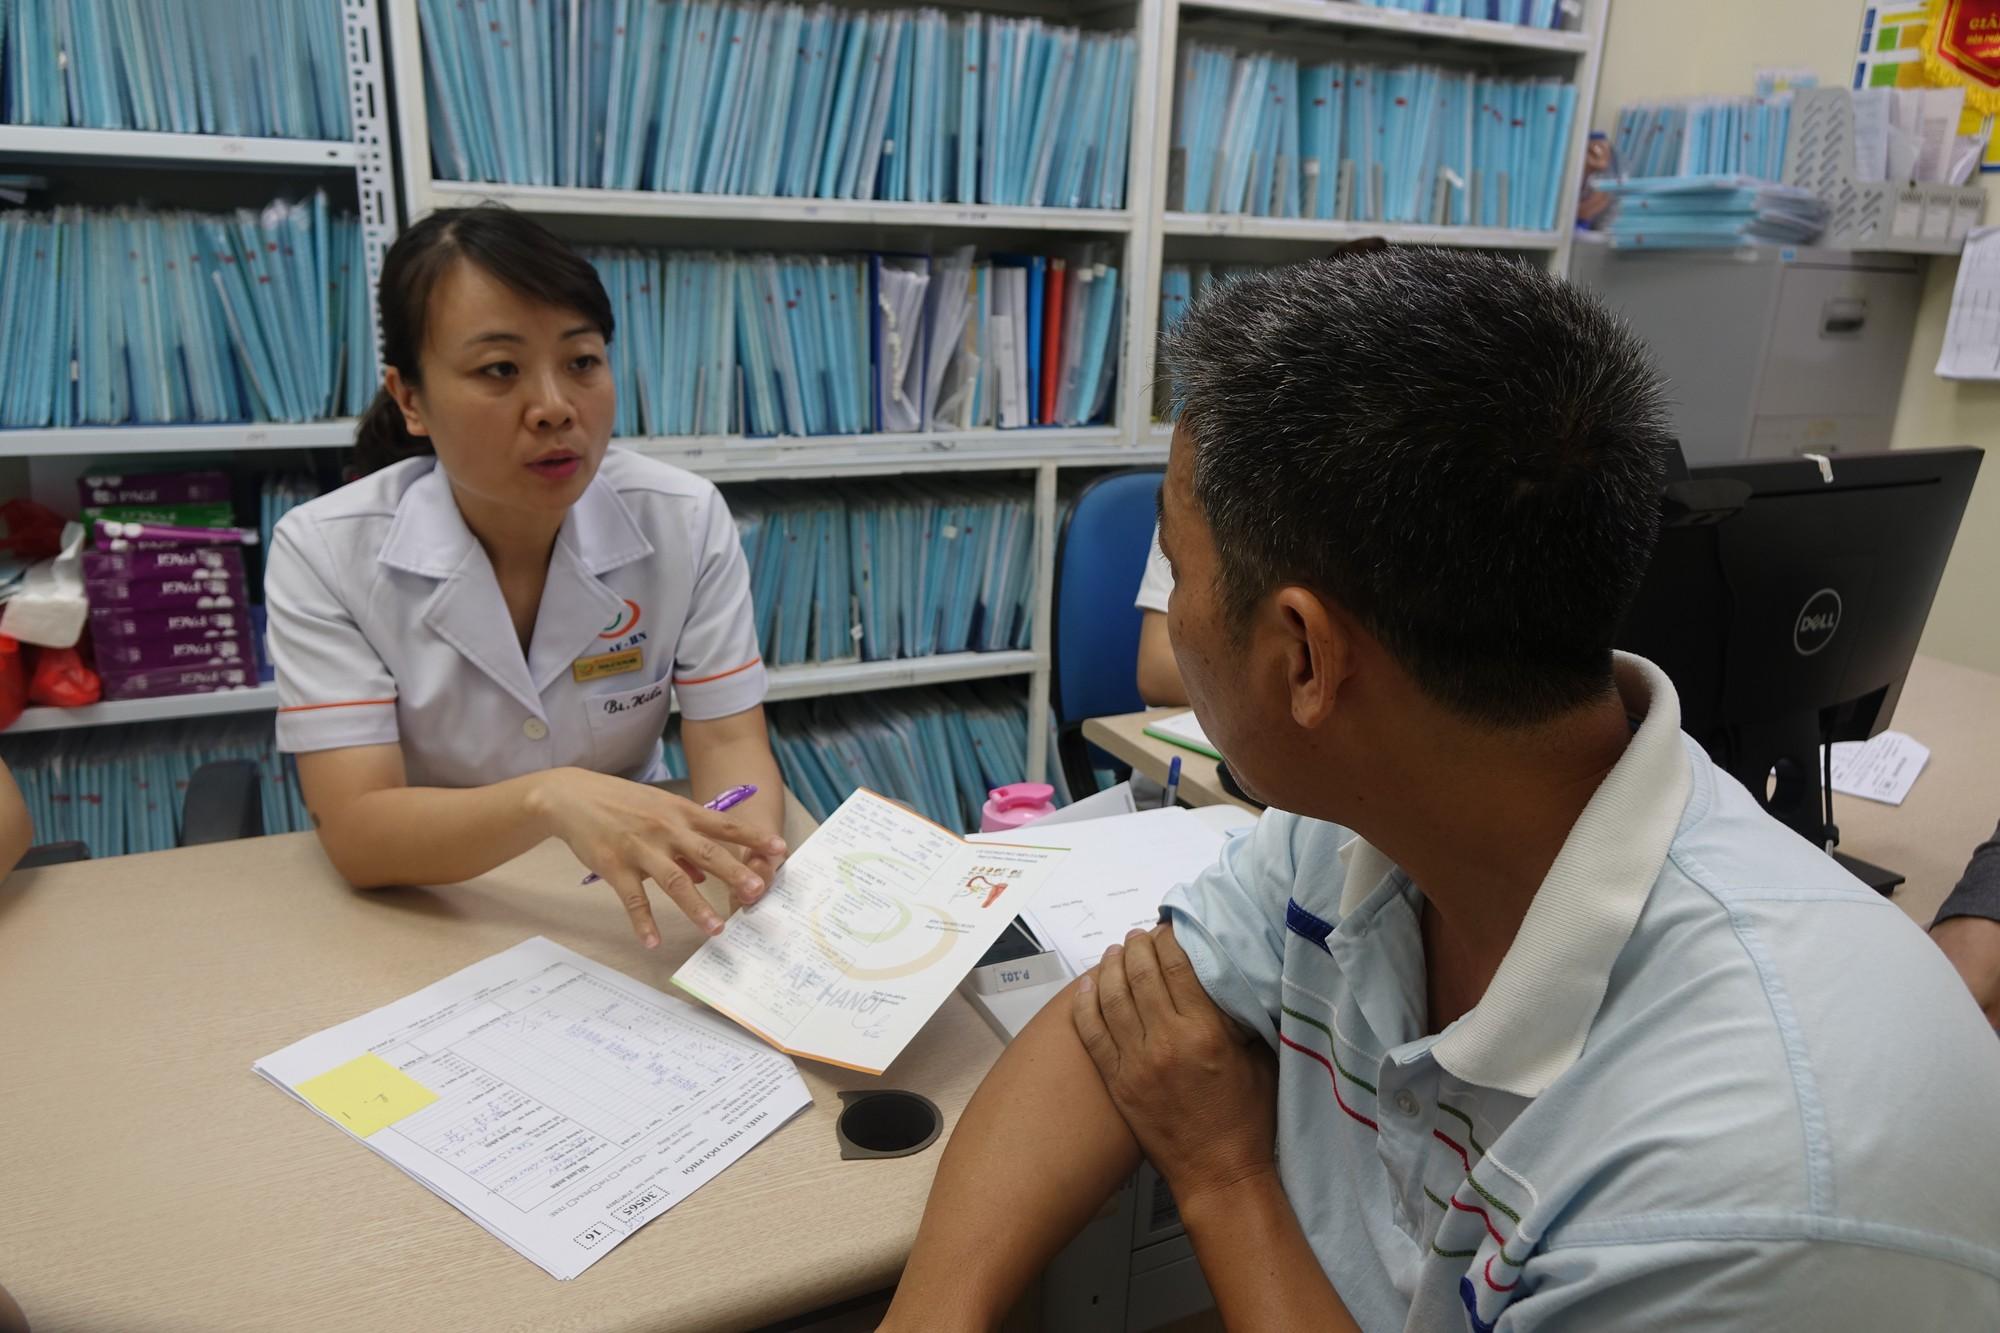 Bác sĩ vạch mặt những thói quen hàng ngày gây vô sinh ở người trẻ Việt, nhiều người biết nhưng chủ quan